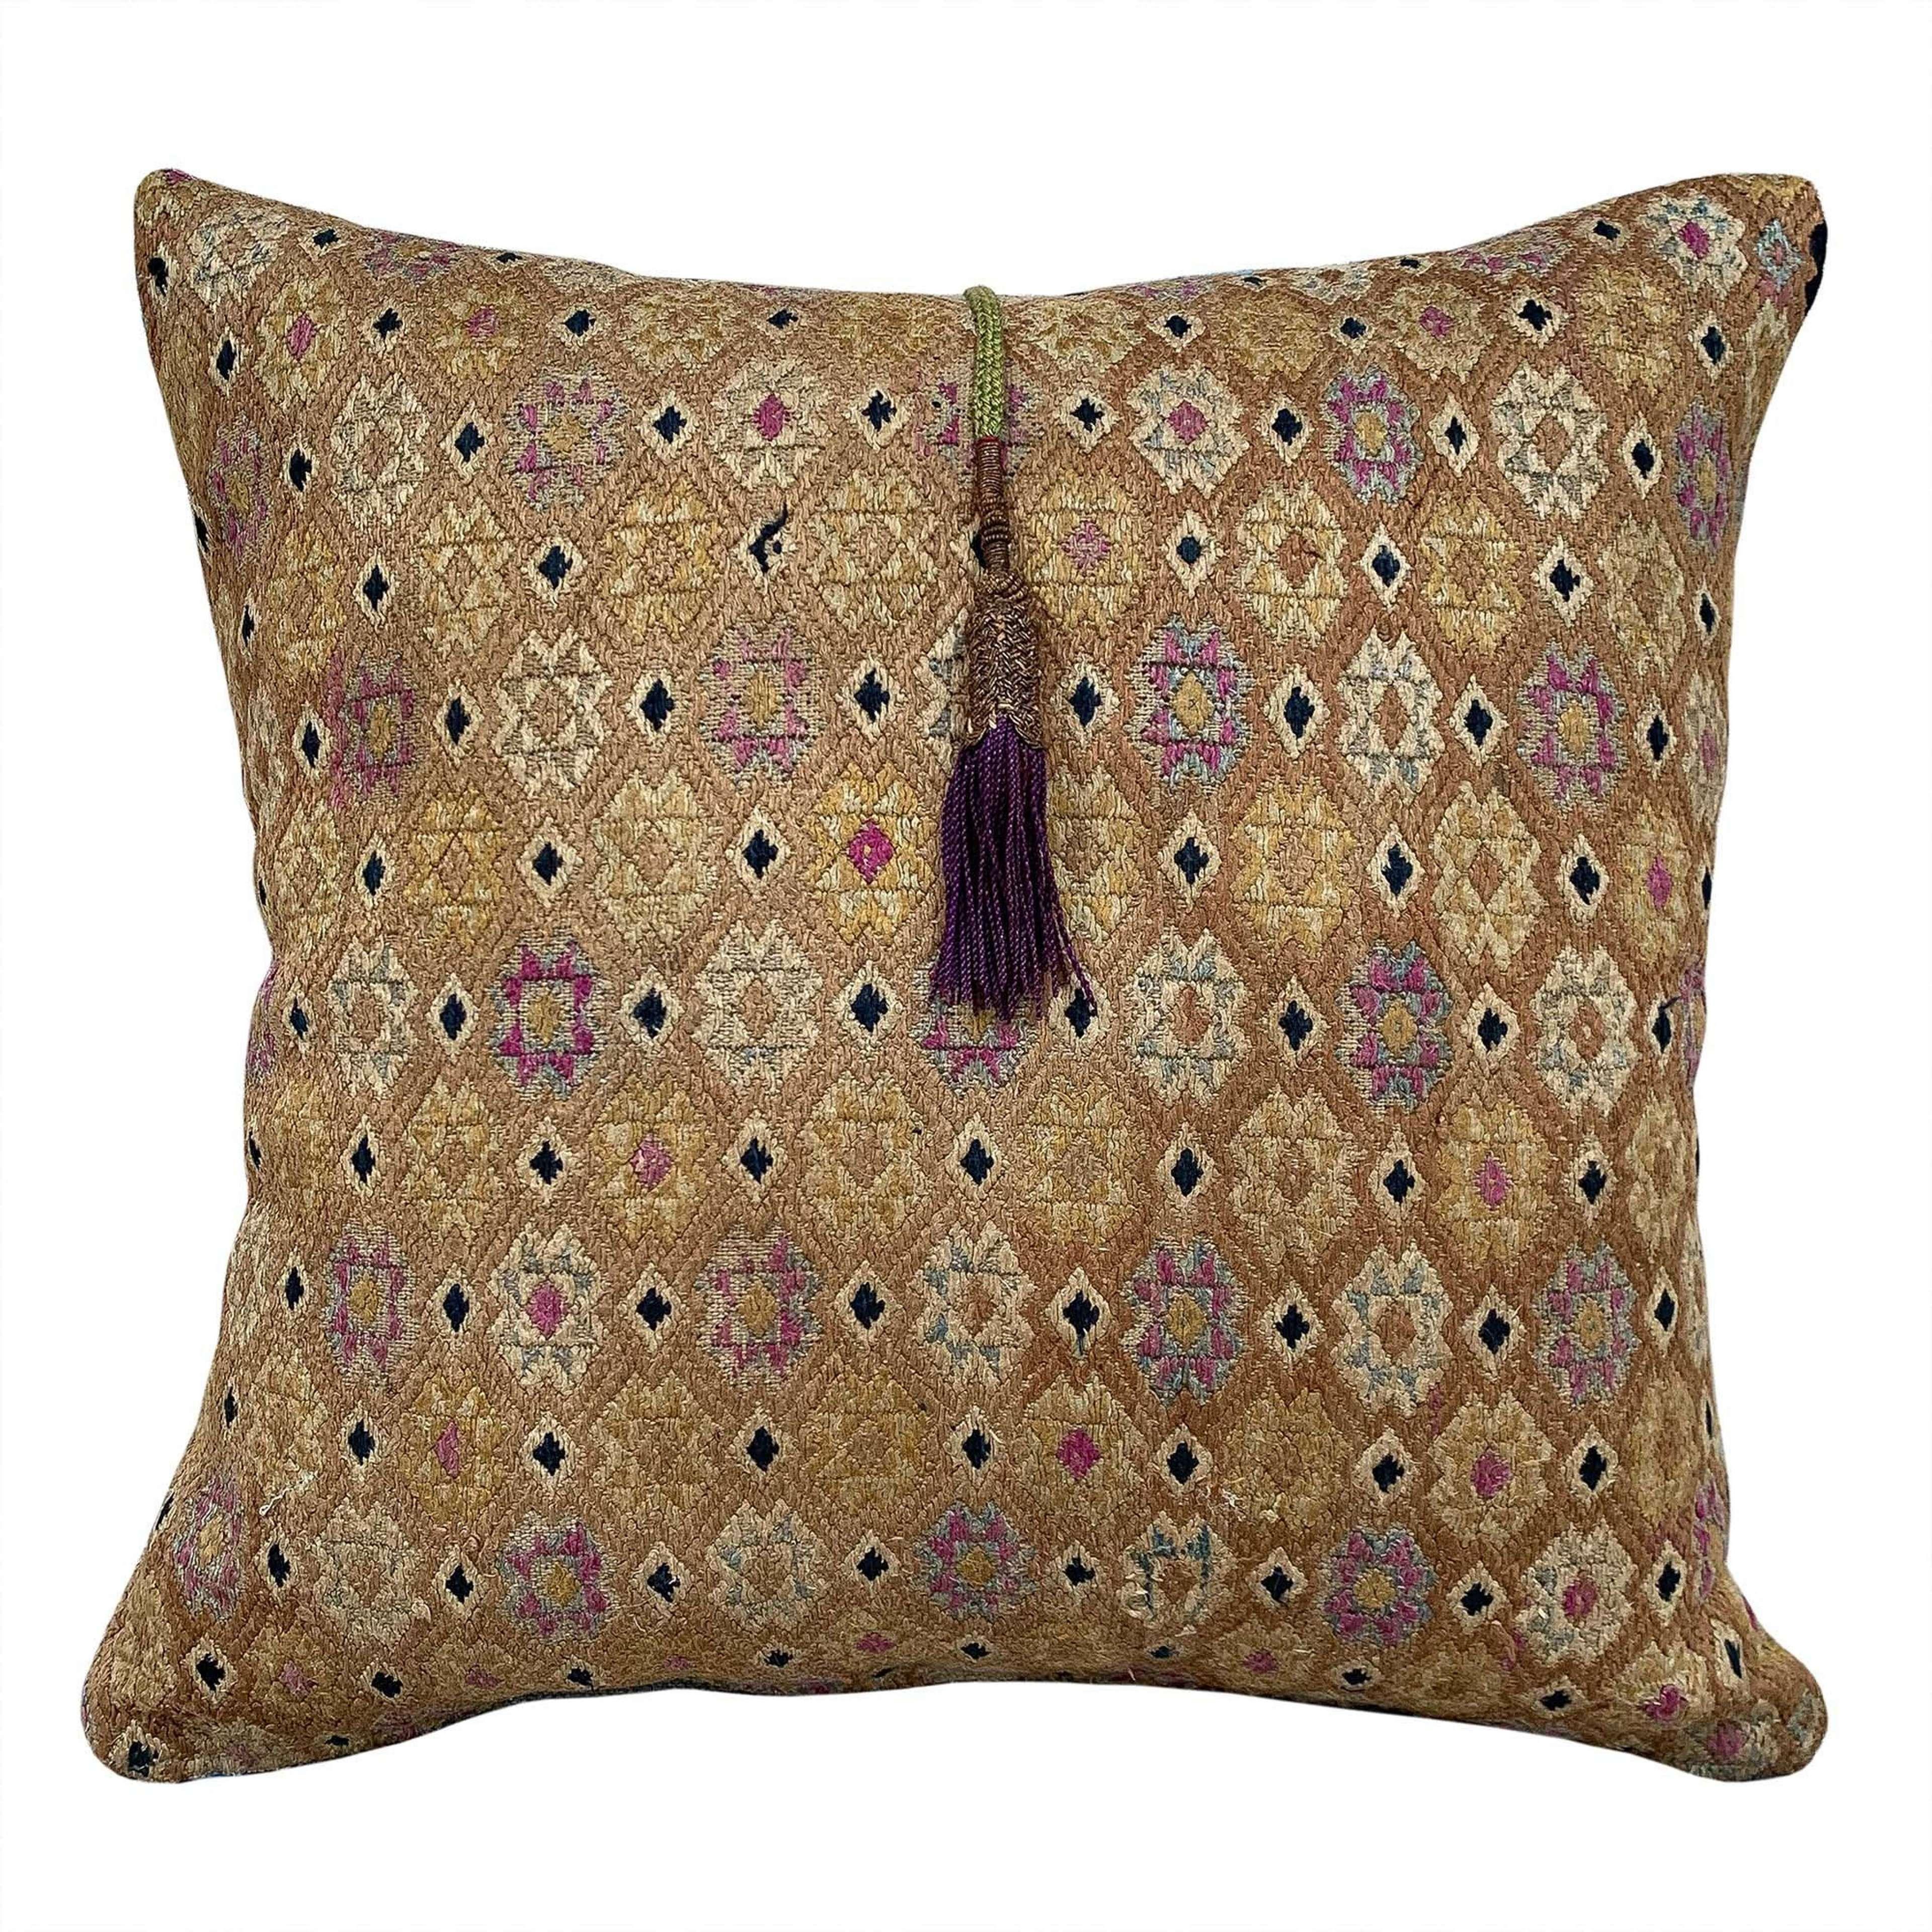 Exquisite C19 Buyi textile cushion